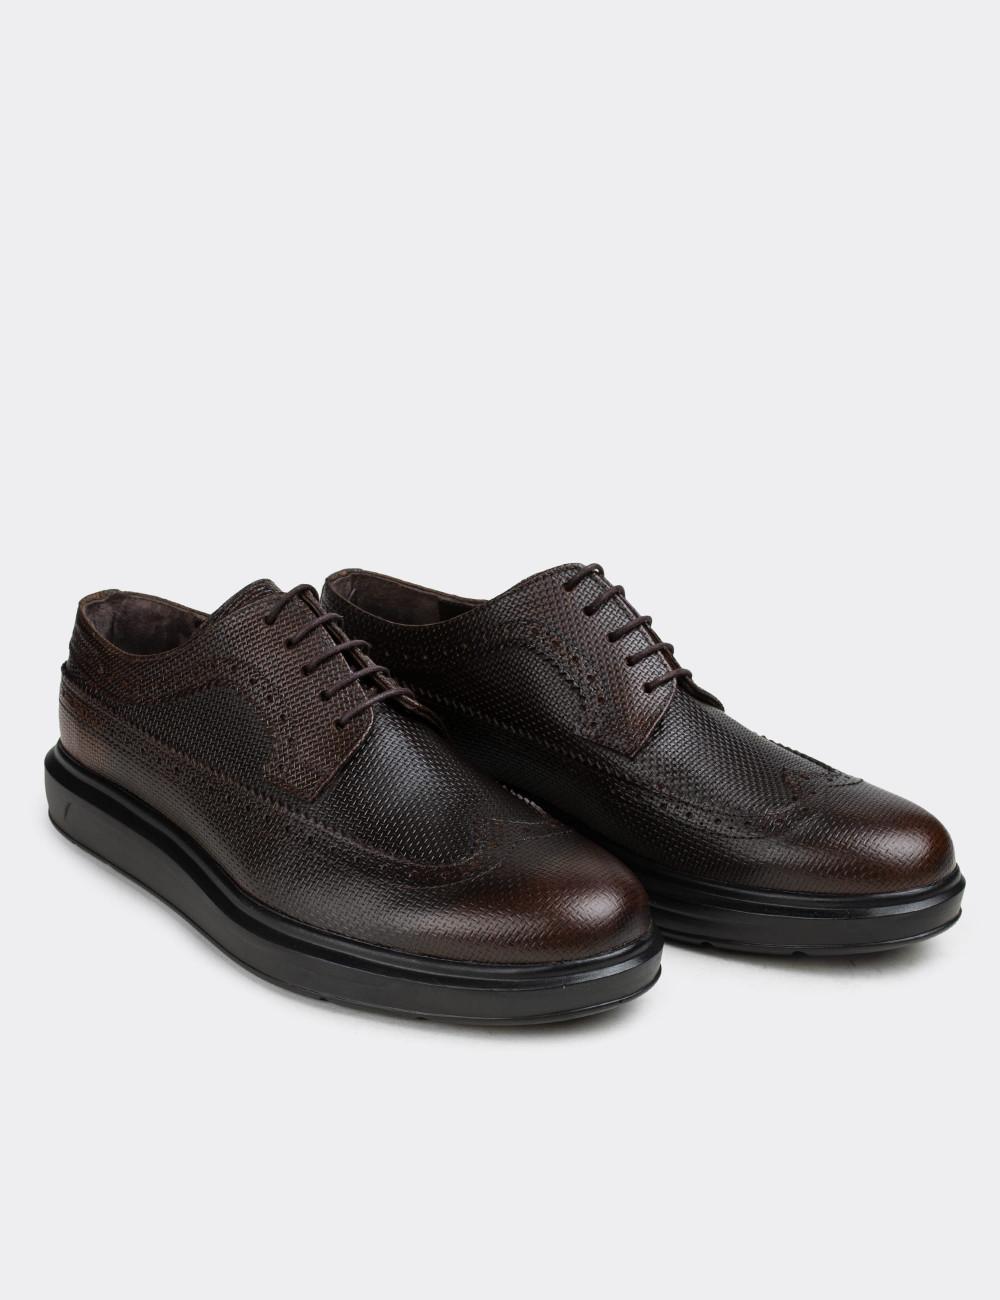 Hakiki Deri Kahverengi Günlük Comfort Erkek Ayakkabı - 01293MKHVP04